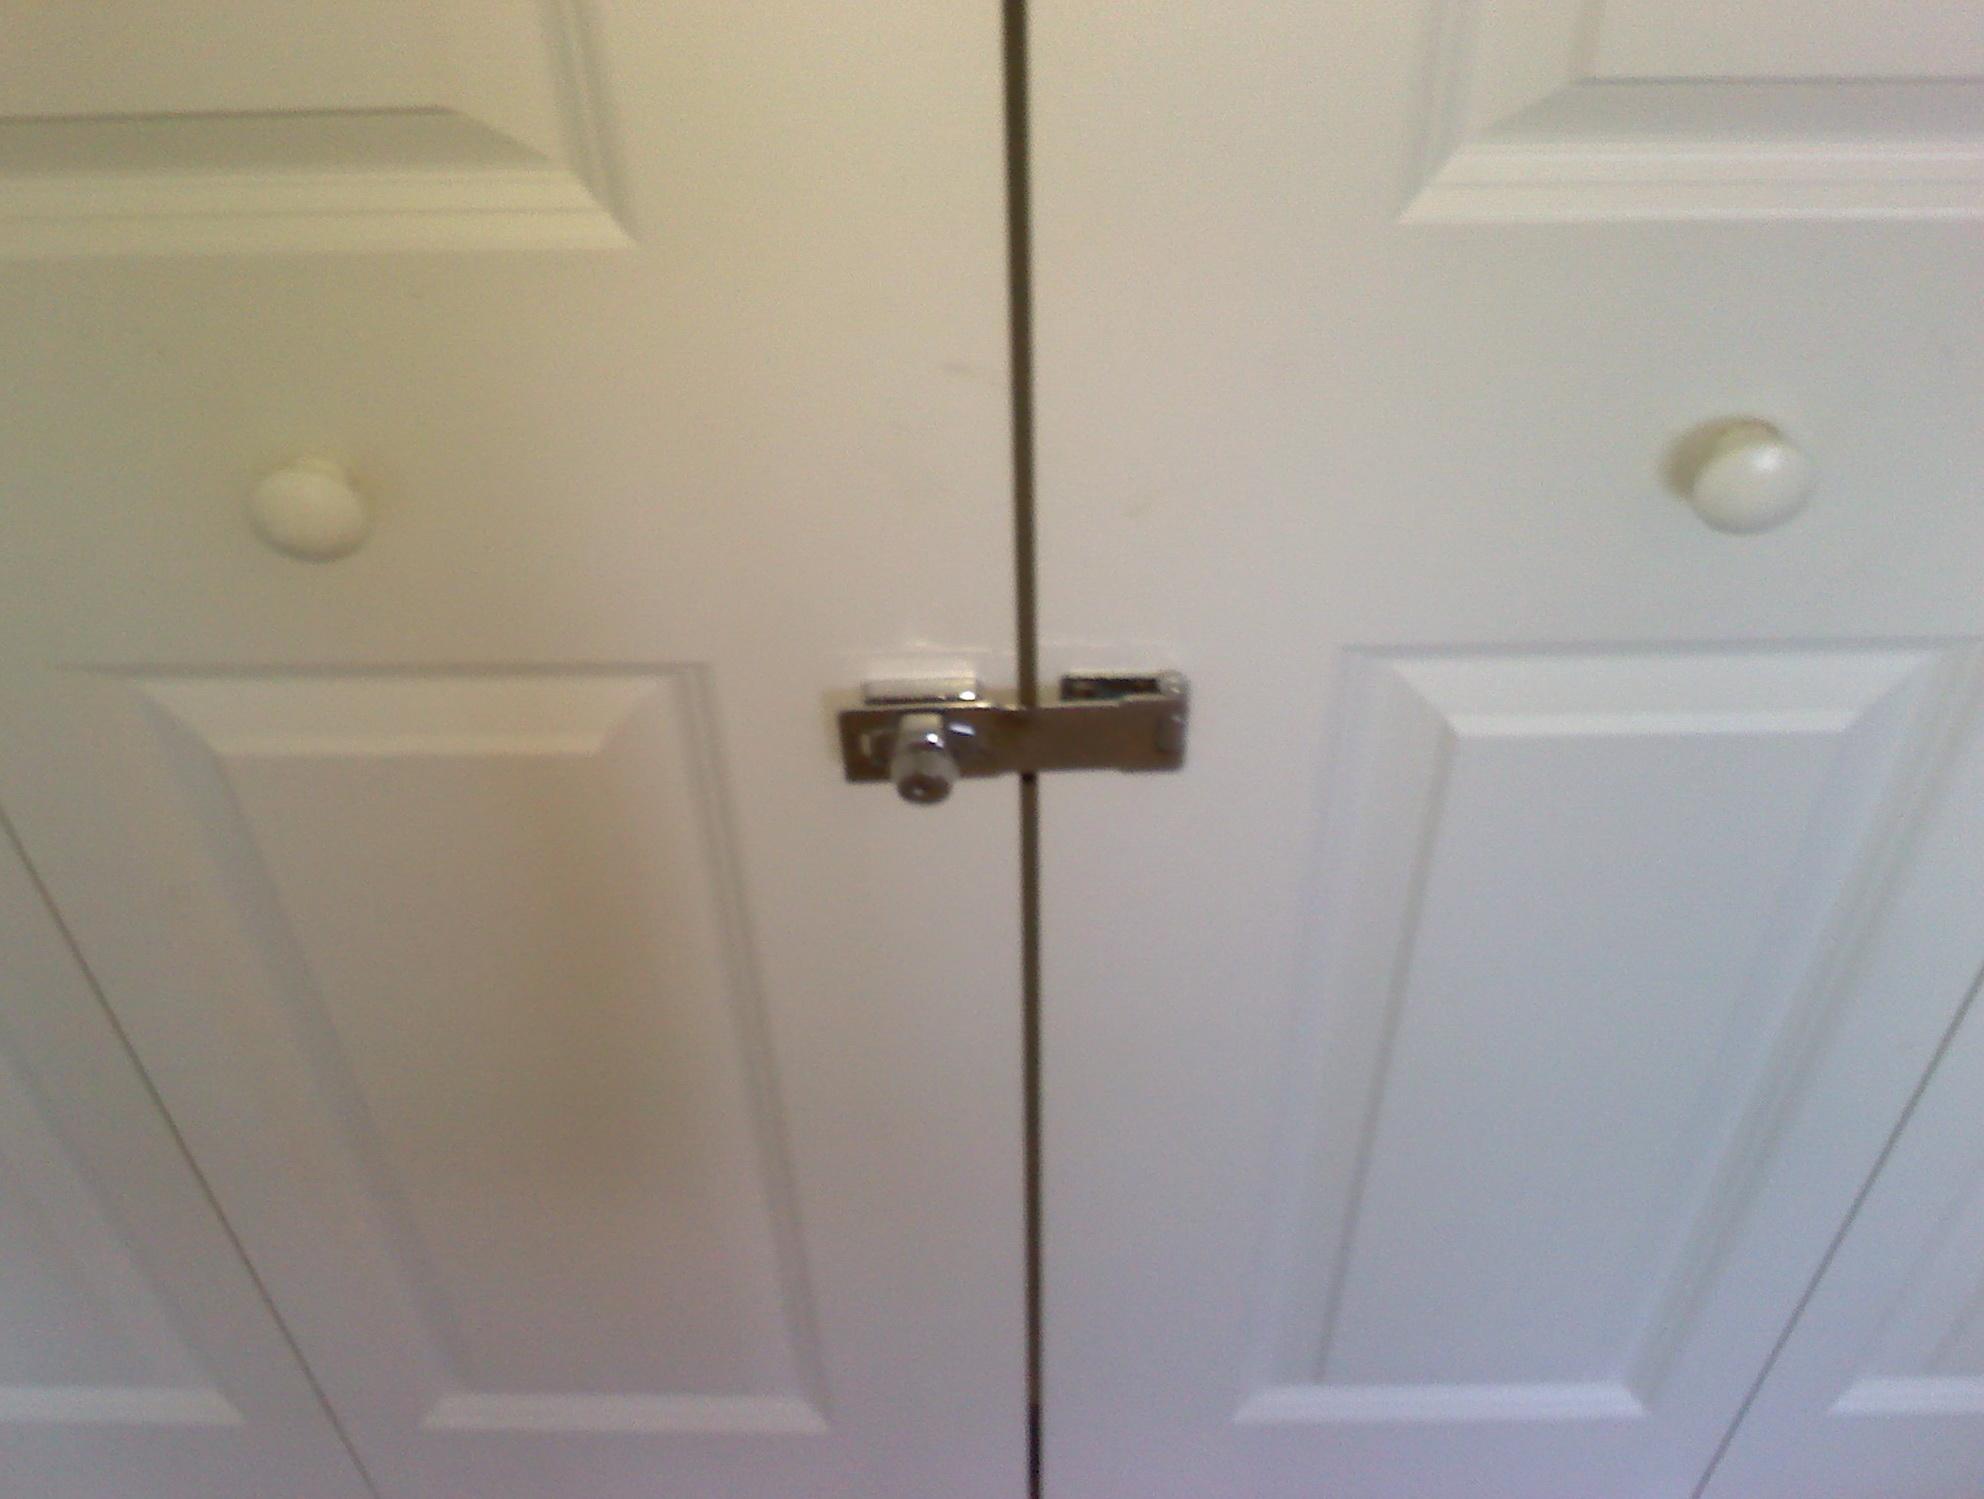 closet door lock with key